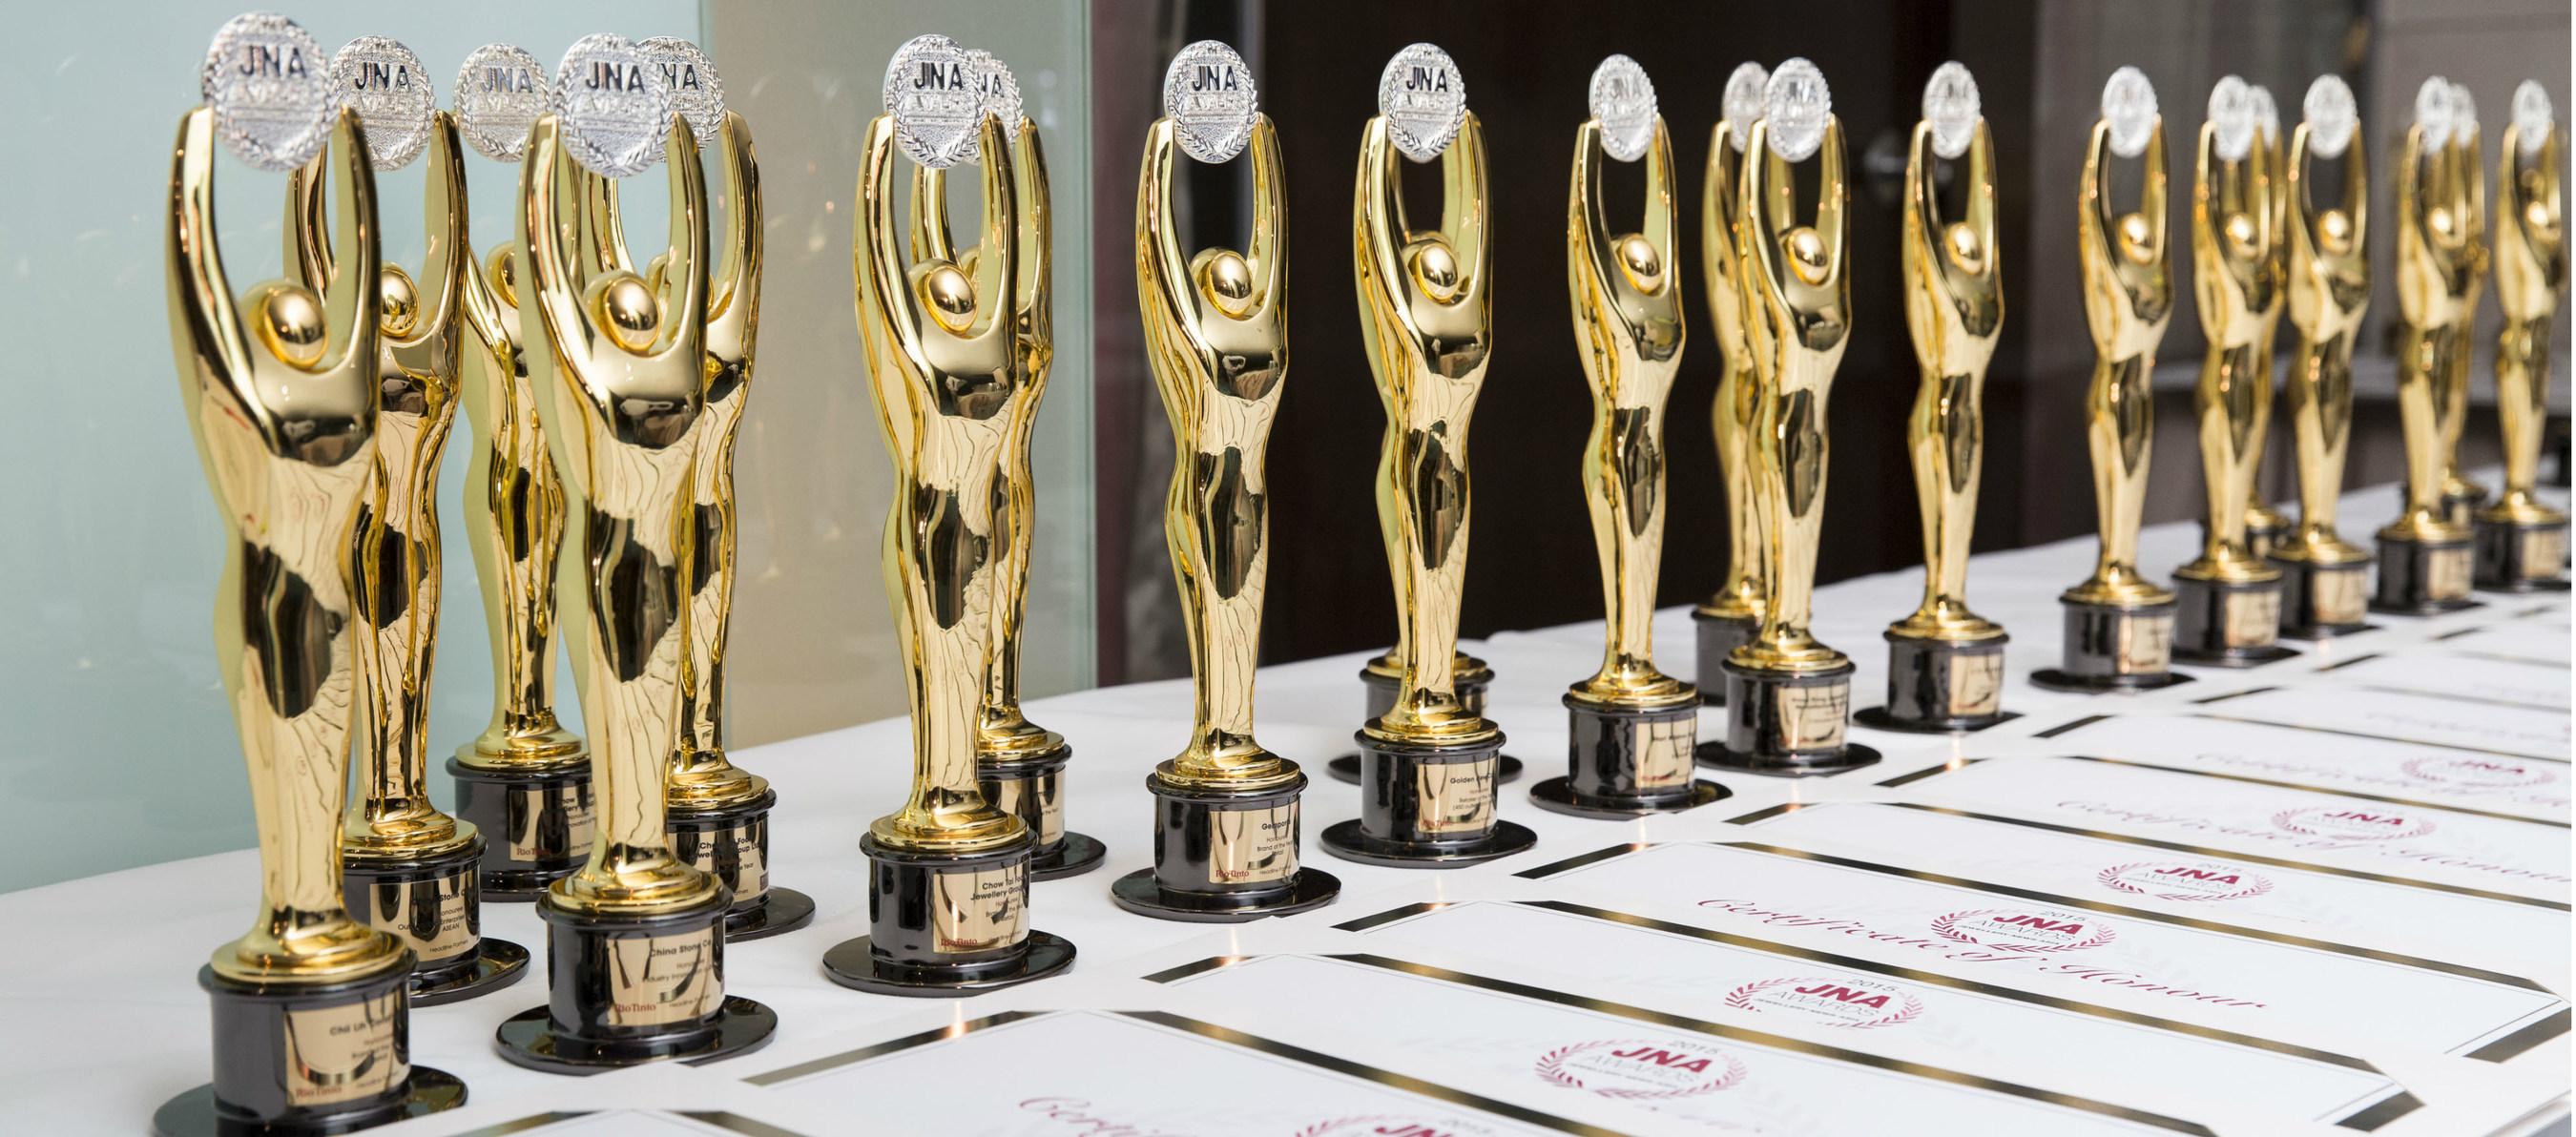 JNA Awards